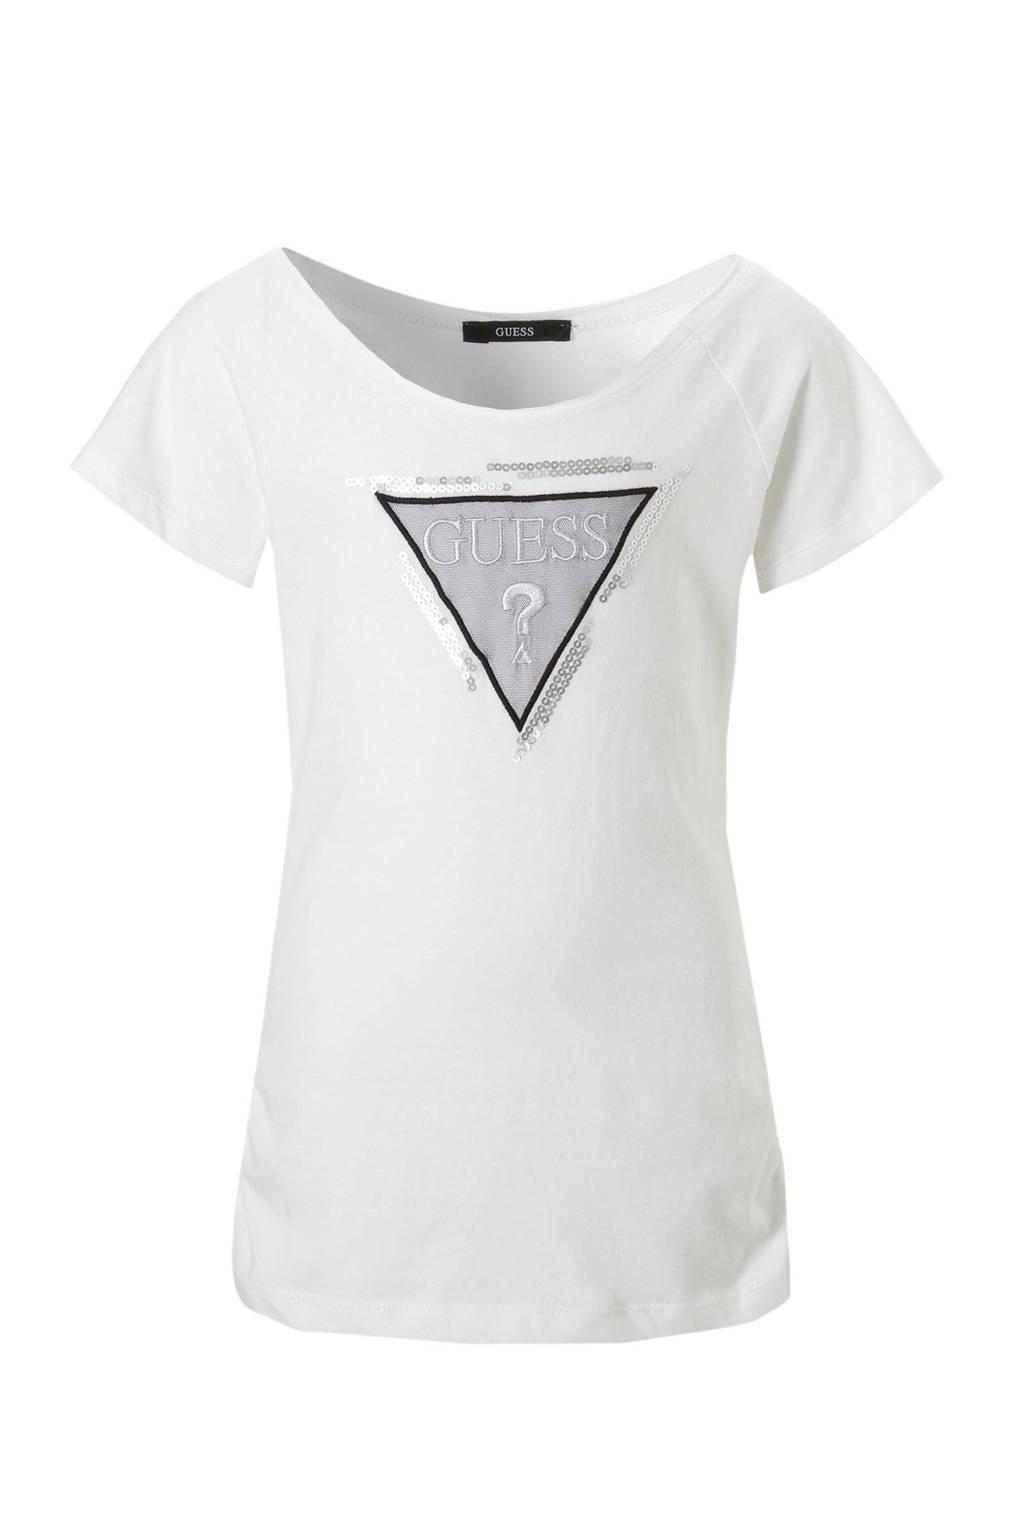 GUESS T-shirt met logo, Wit